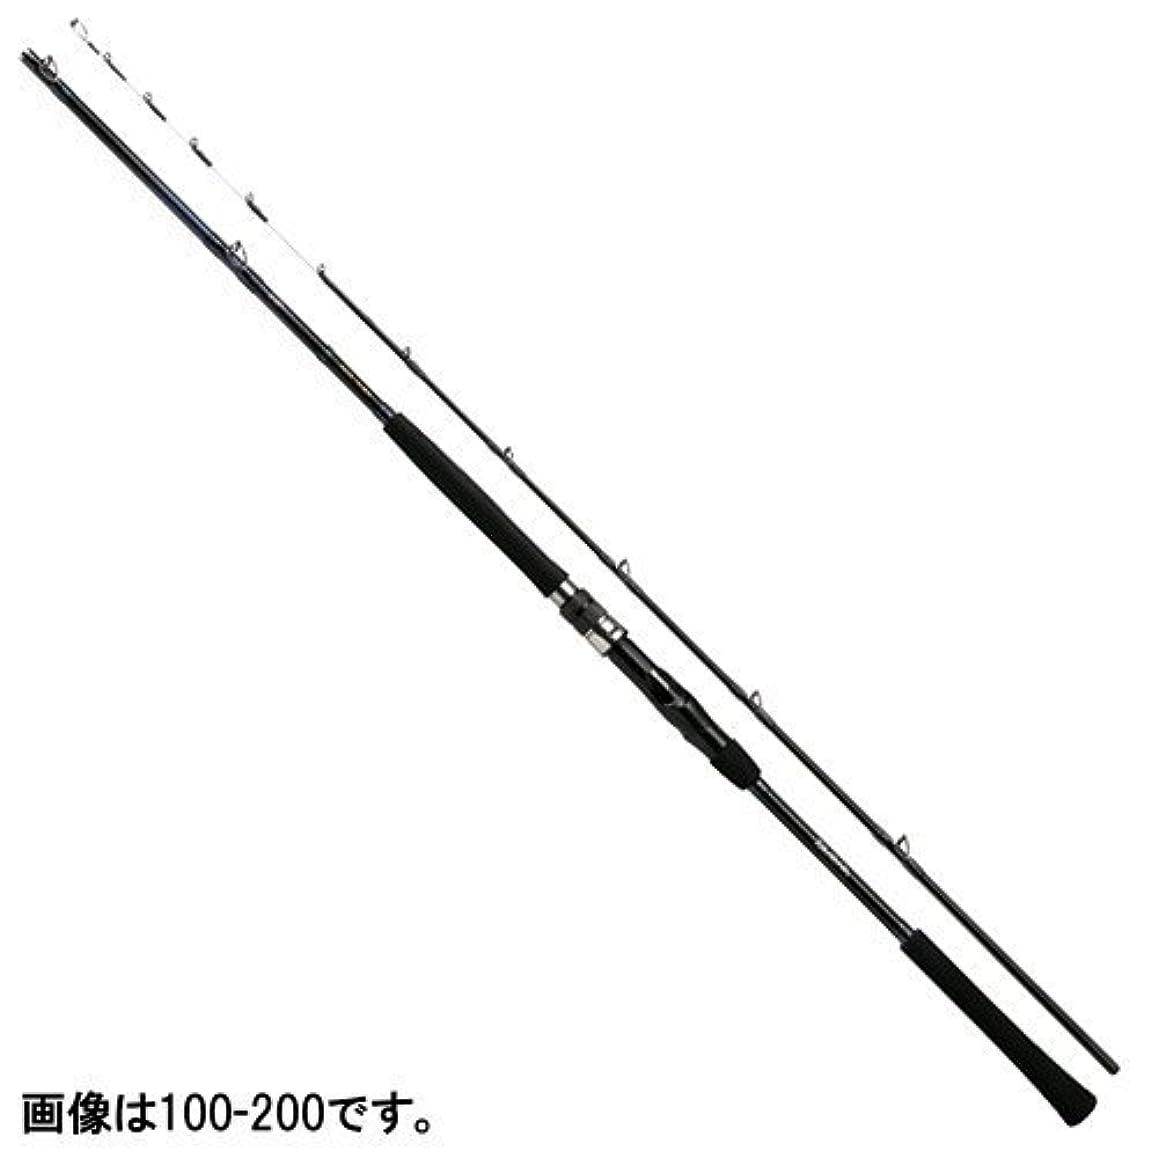 等しいショッキング溶けたダイワ(Daiwa) 船竿 ベイト ディーオ TSG 100-200 釣り竿